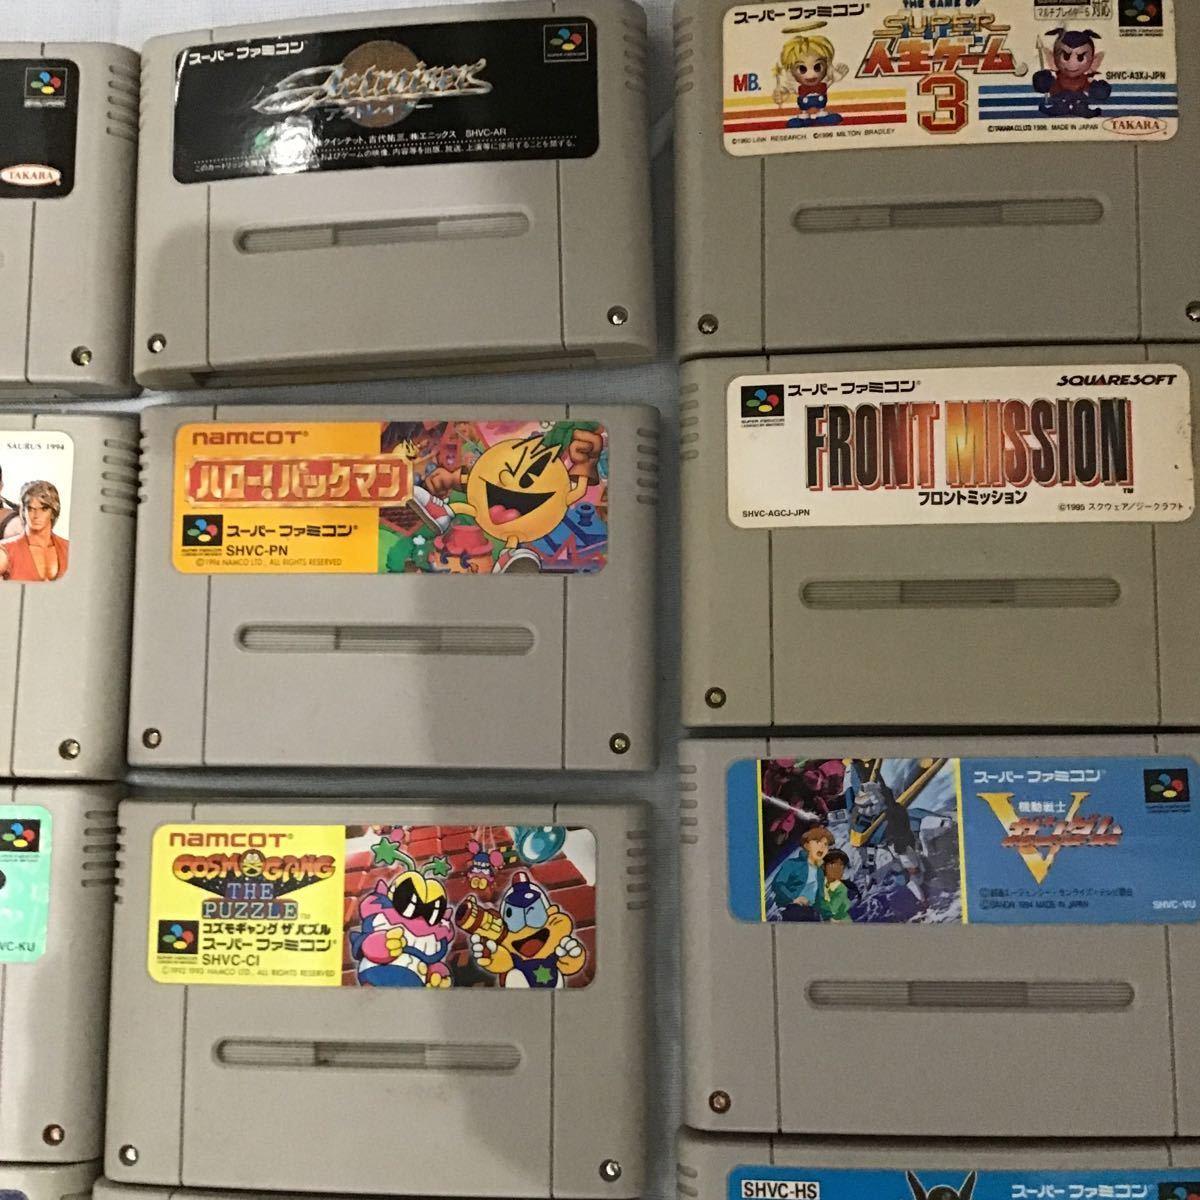 【中古任天堂ソフト】Nintendo ゲームボーイ ゲームボーイカラー スーパーファミコン 64 アドバンス DS キューブ まとめて87点_画像2